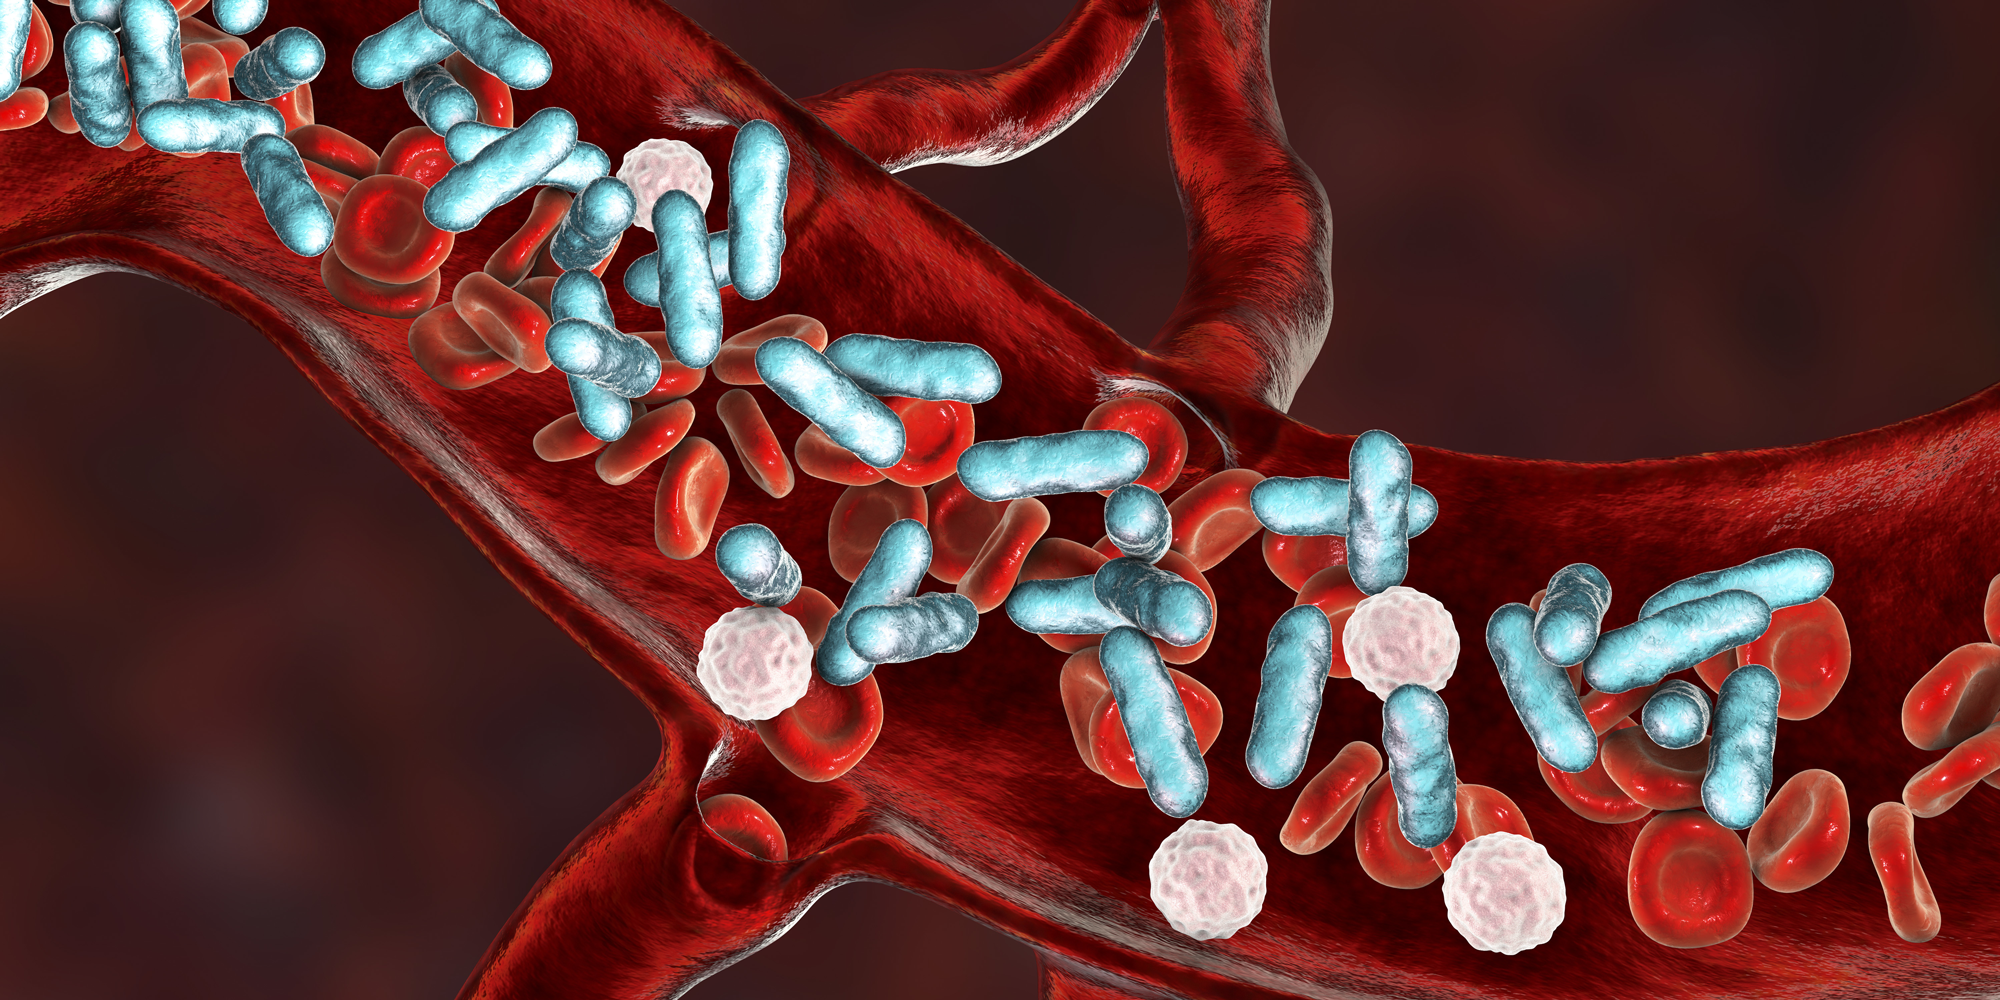 Illustrasjon av blodåre med bakterier.